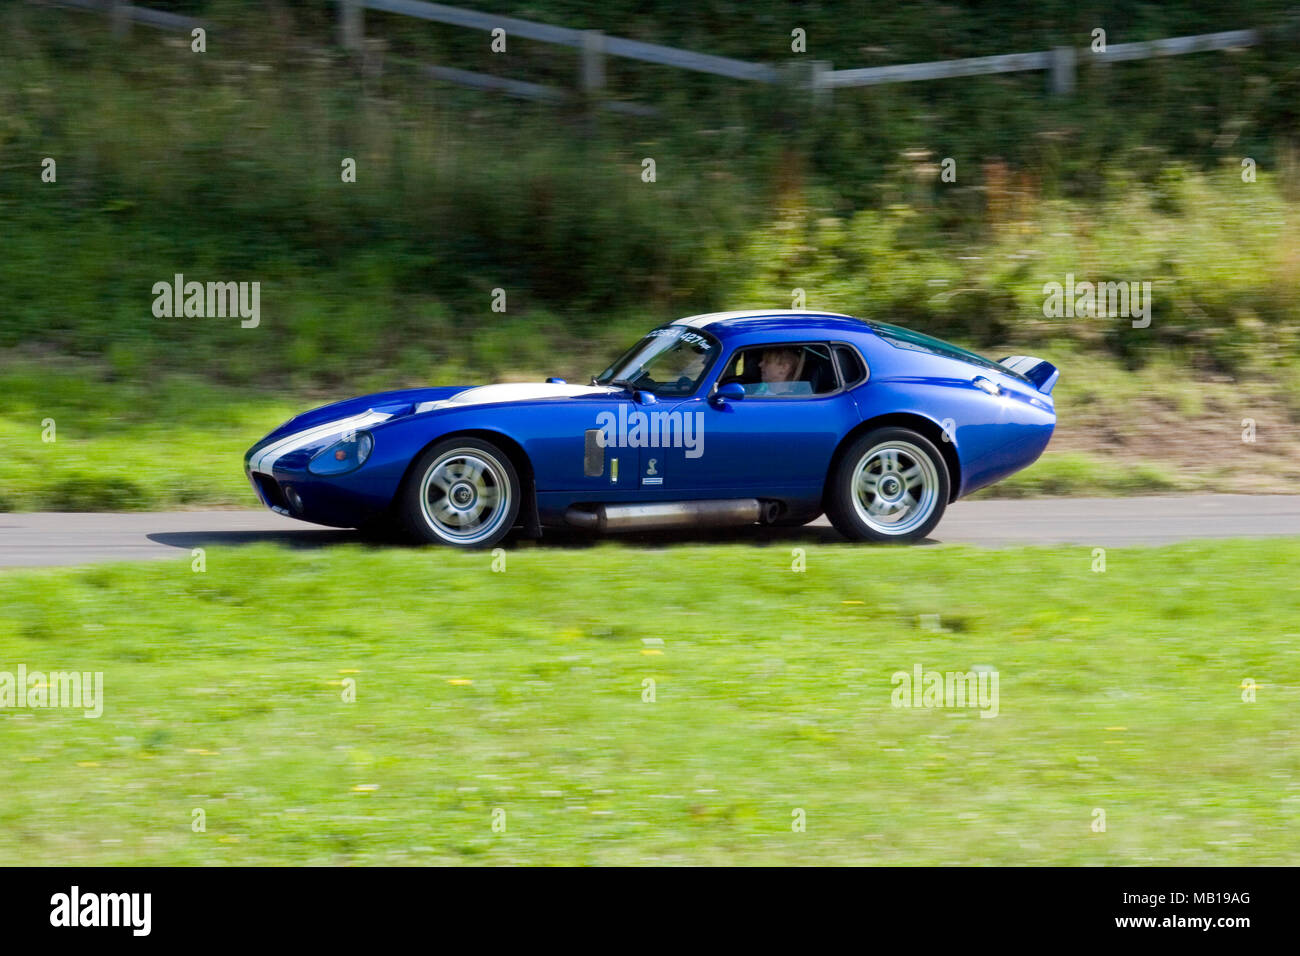 """Blau Shelby Daytona Coupé 427 Classic und Seltene amerikanische Sportwagen """"schnelles Fahren im Profil (Seitenansicht). Stockbild"""